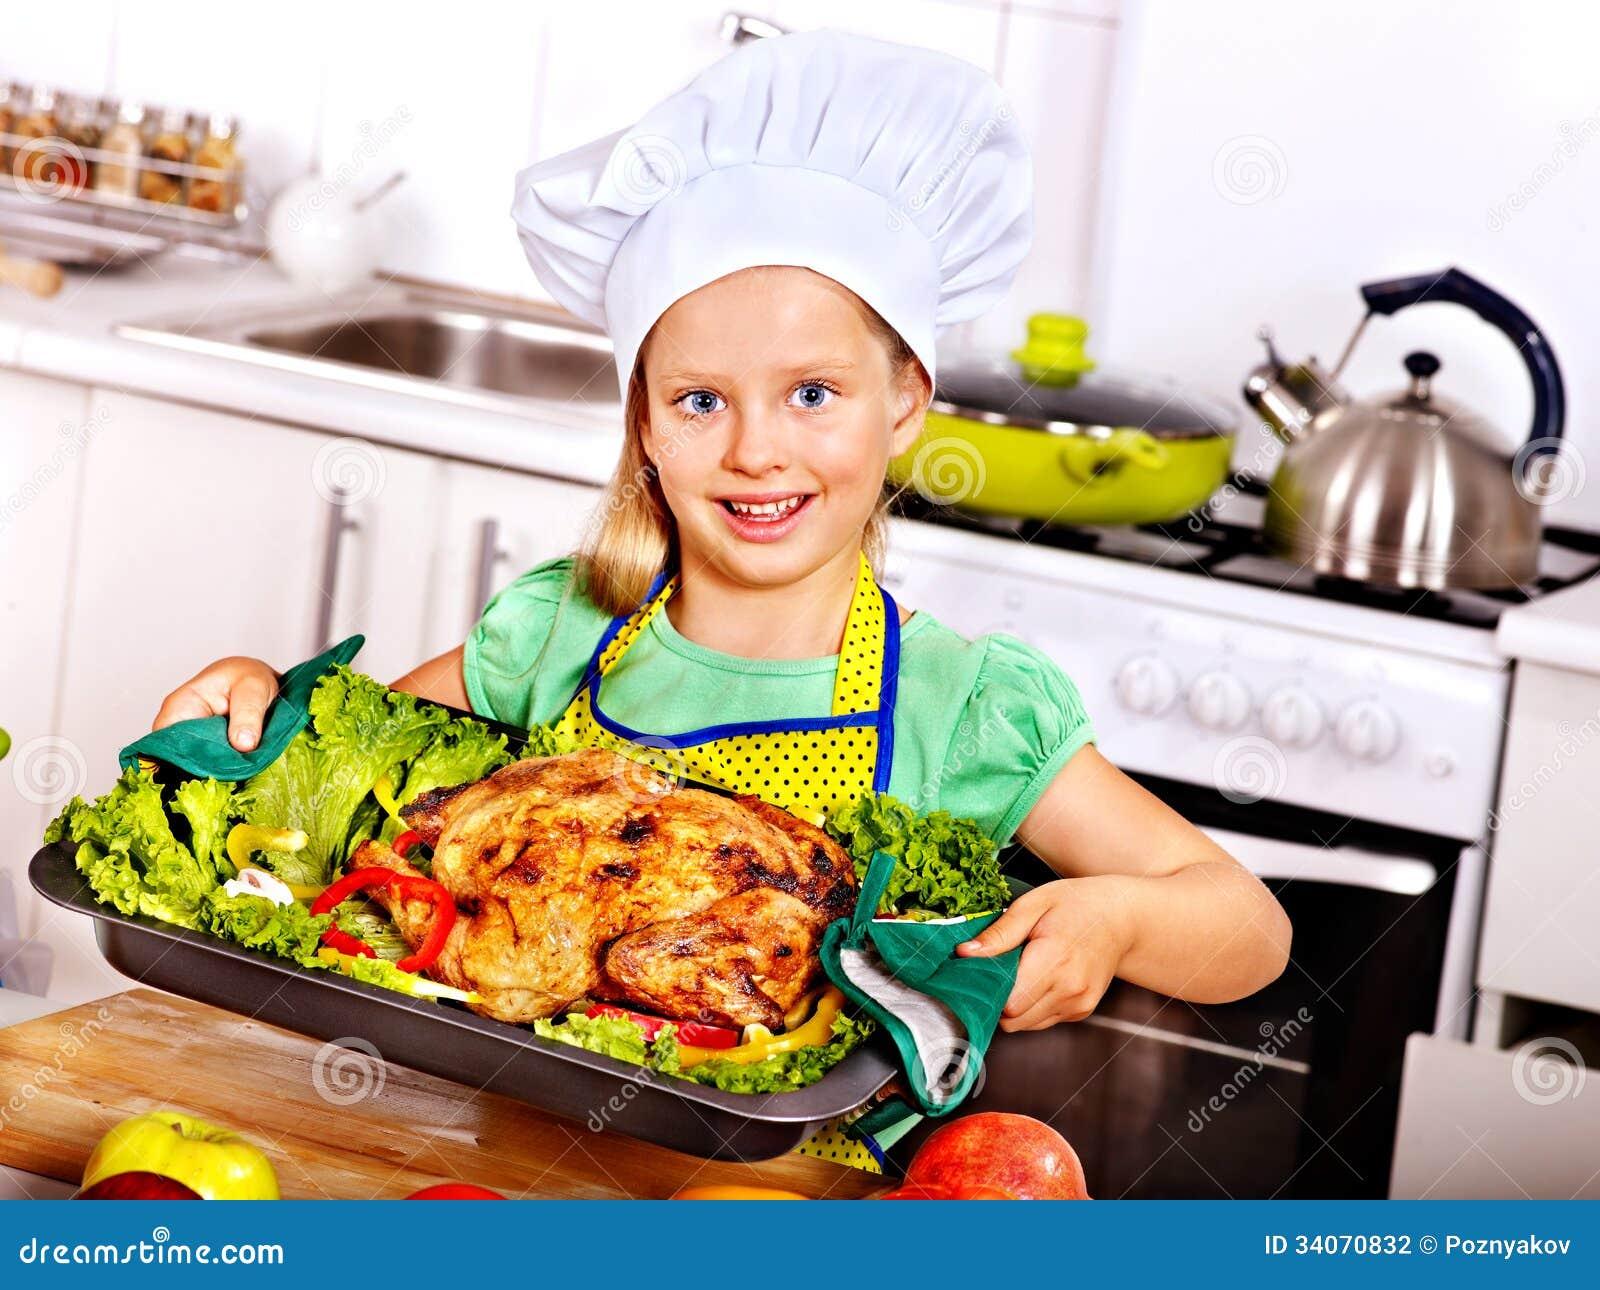 chicken kitchen locations] - 100 images - restaurant, chicken